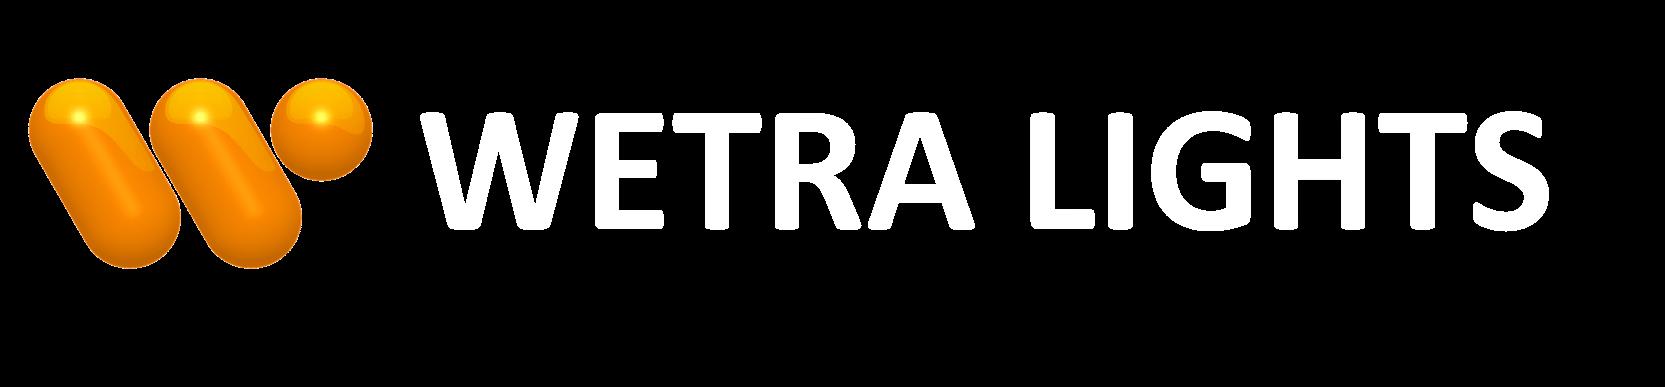 Wetra Lights